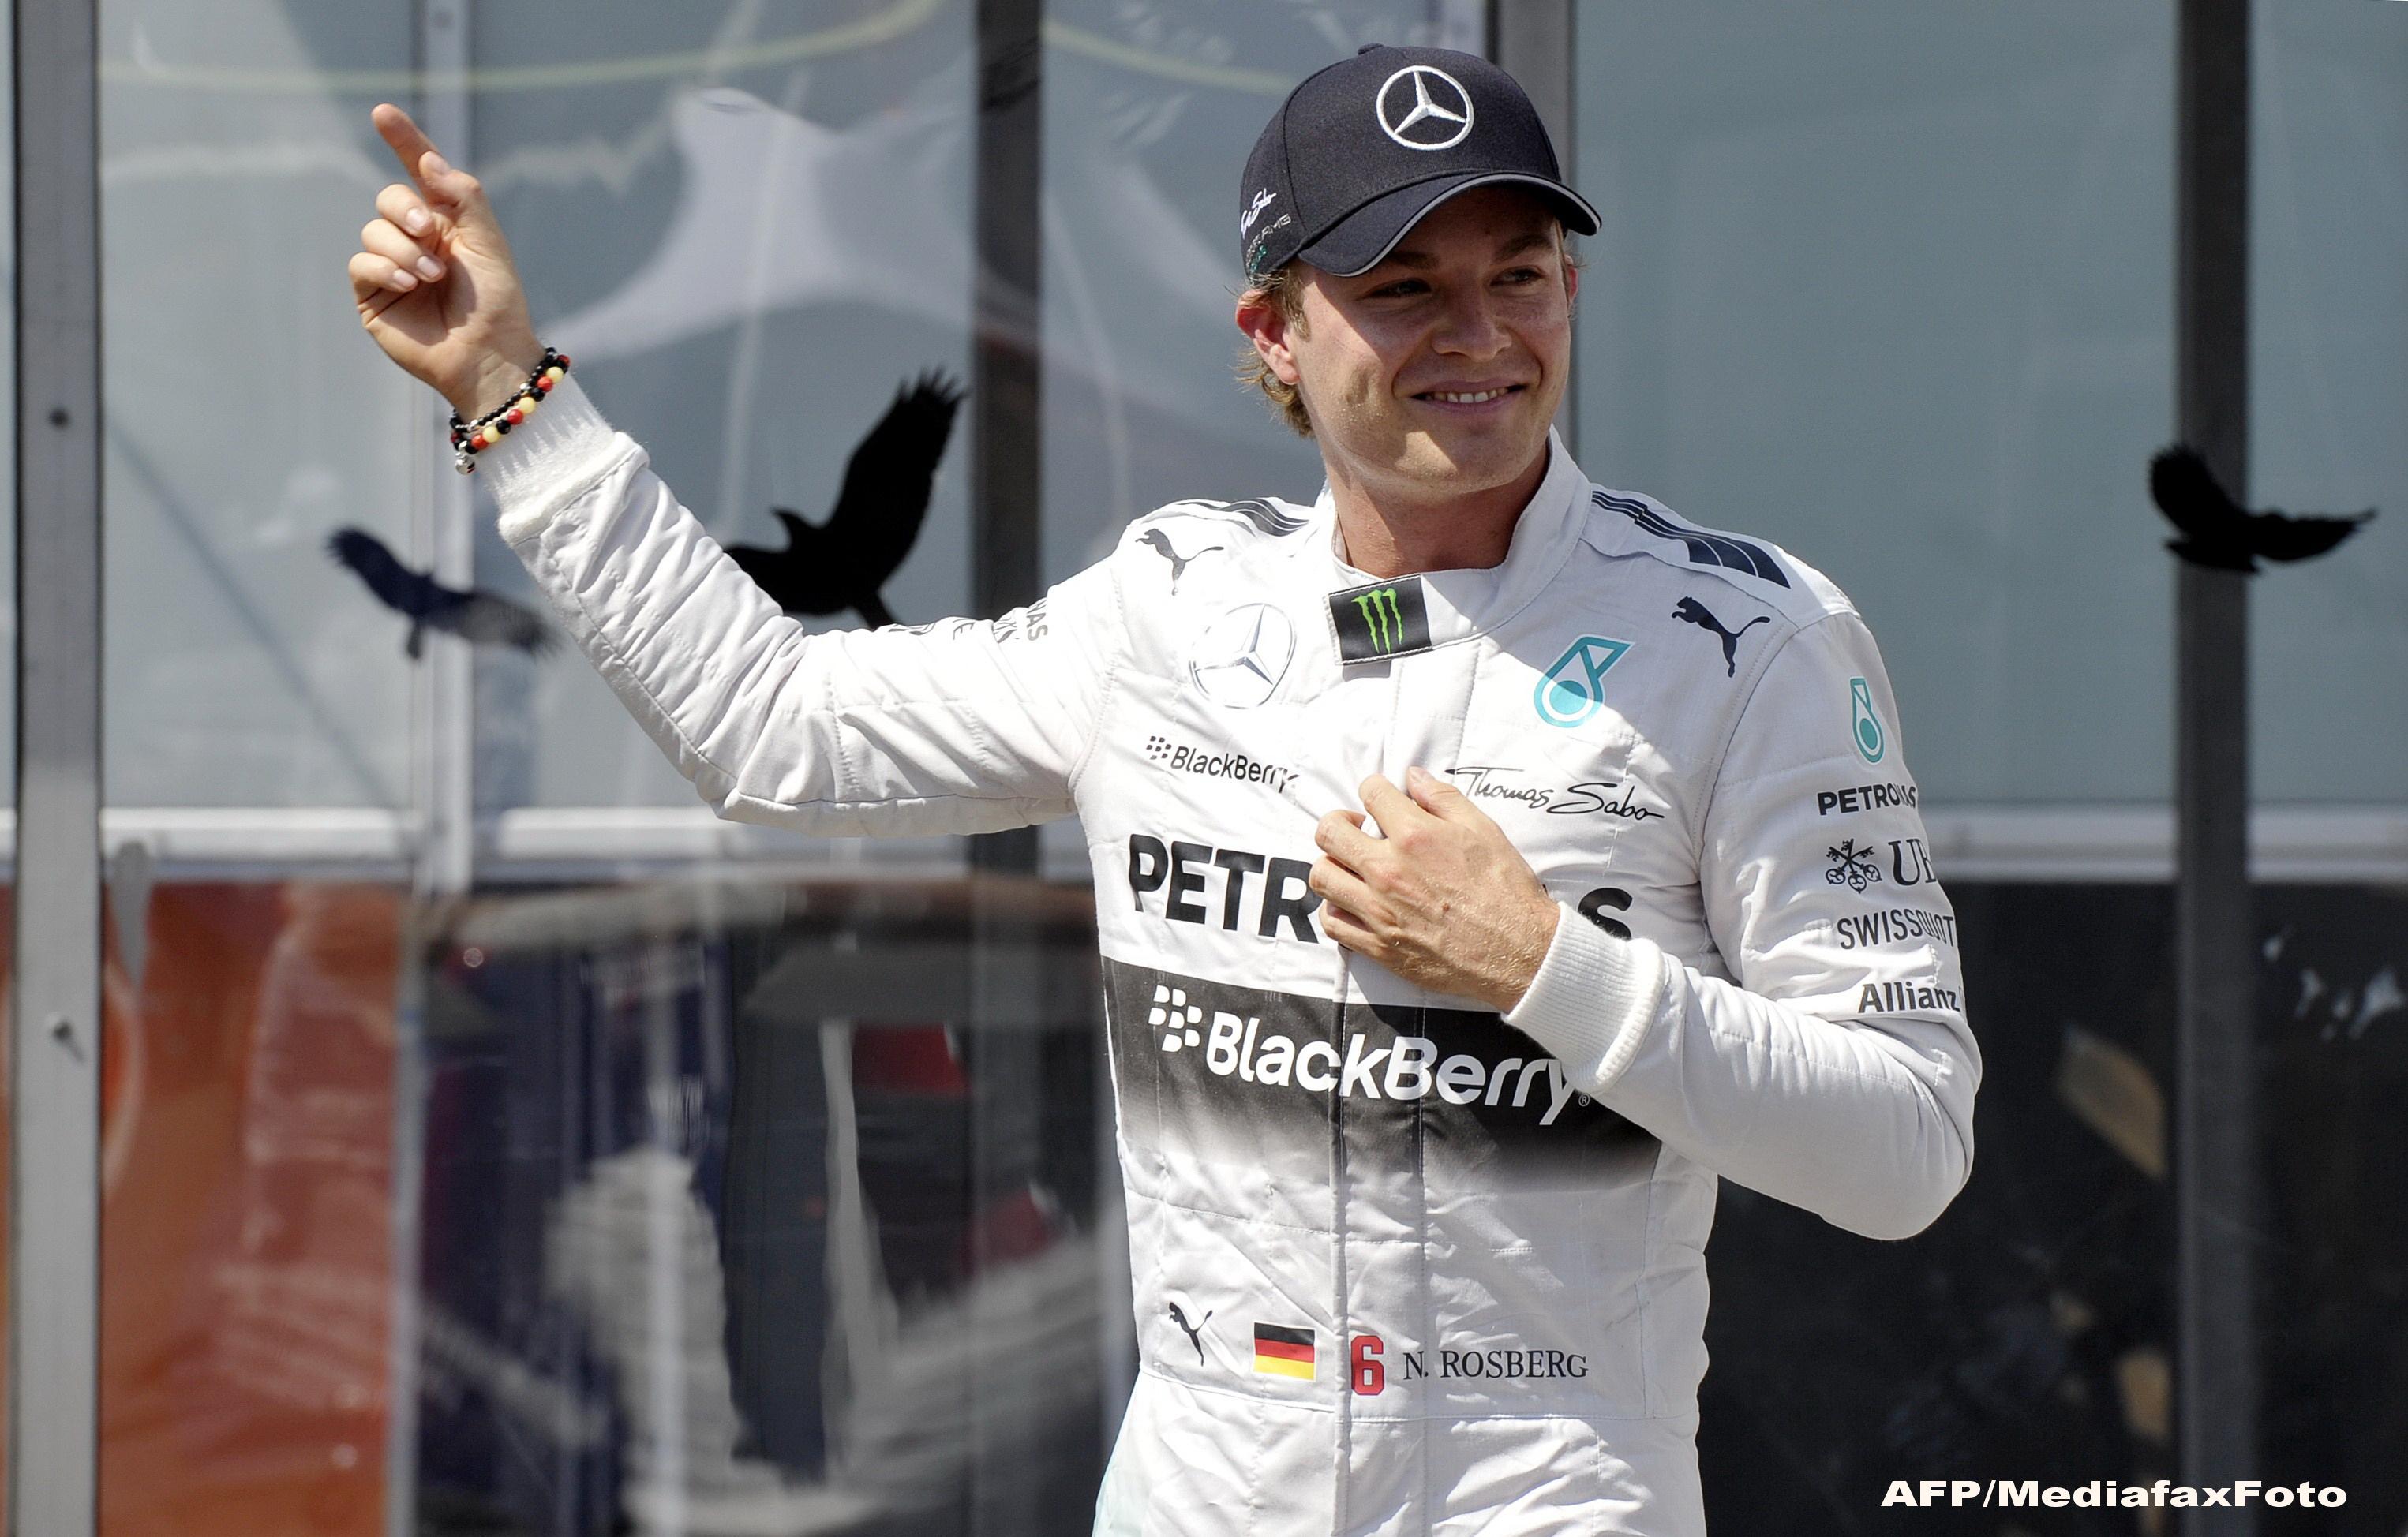 Formula 1: Germanul Nico Rosberg va pleca din pole position in Marele Premiu al Japoniei de la Suzuka